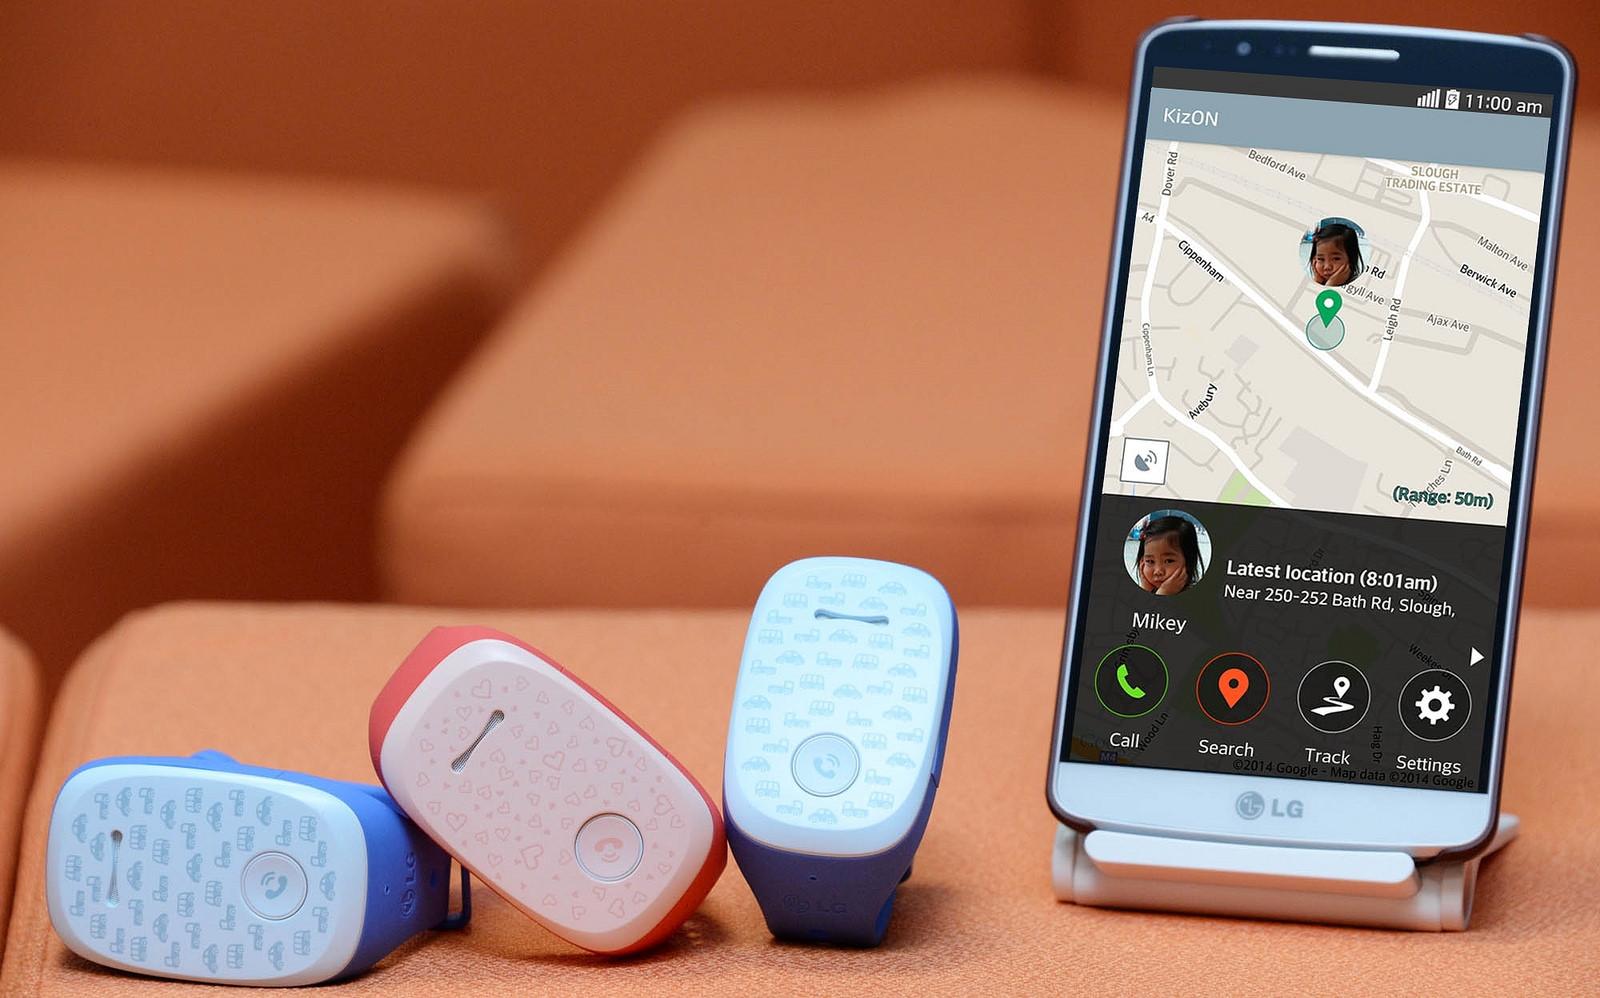 браслеты KizON и смартфон